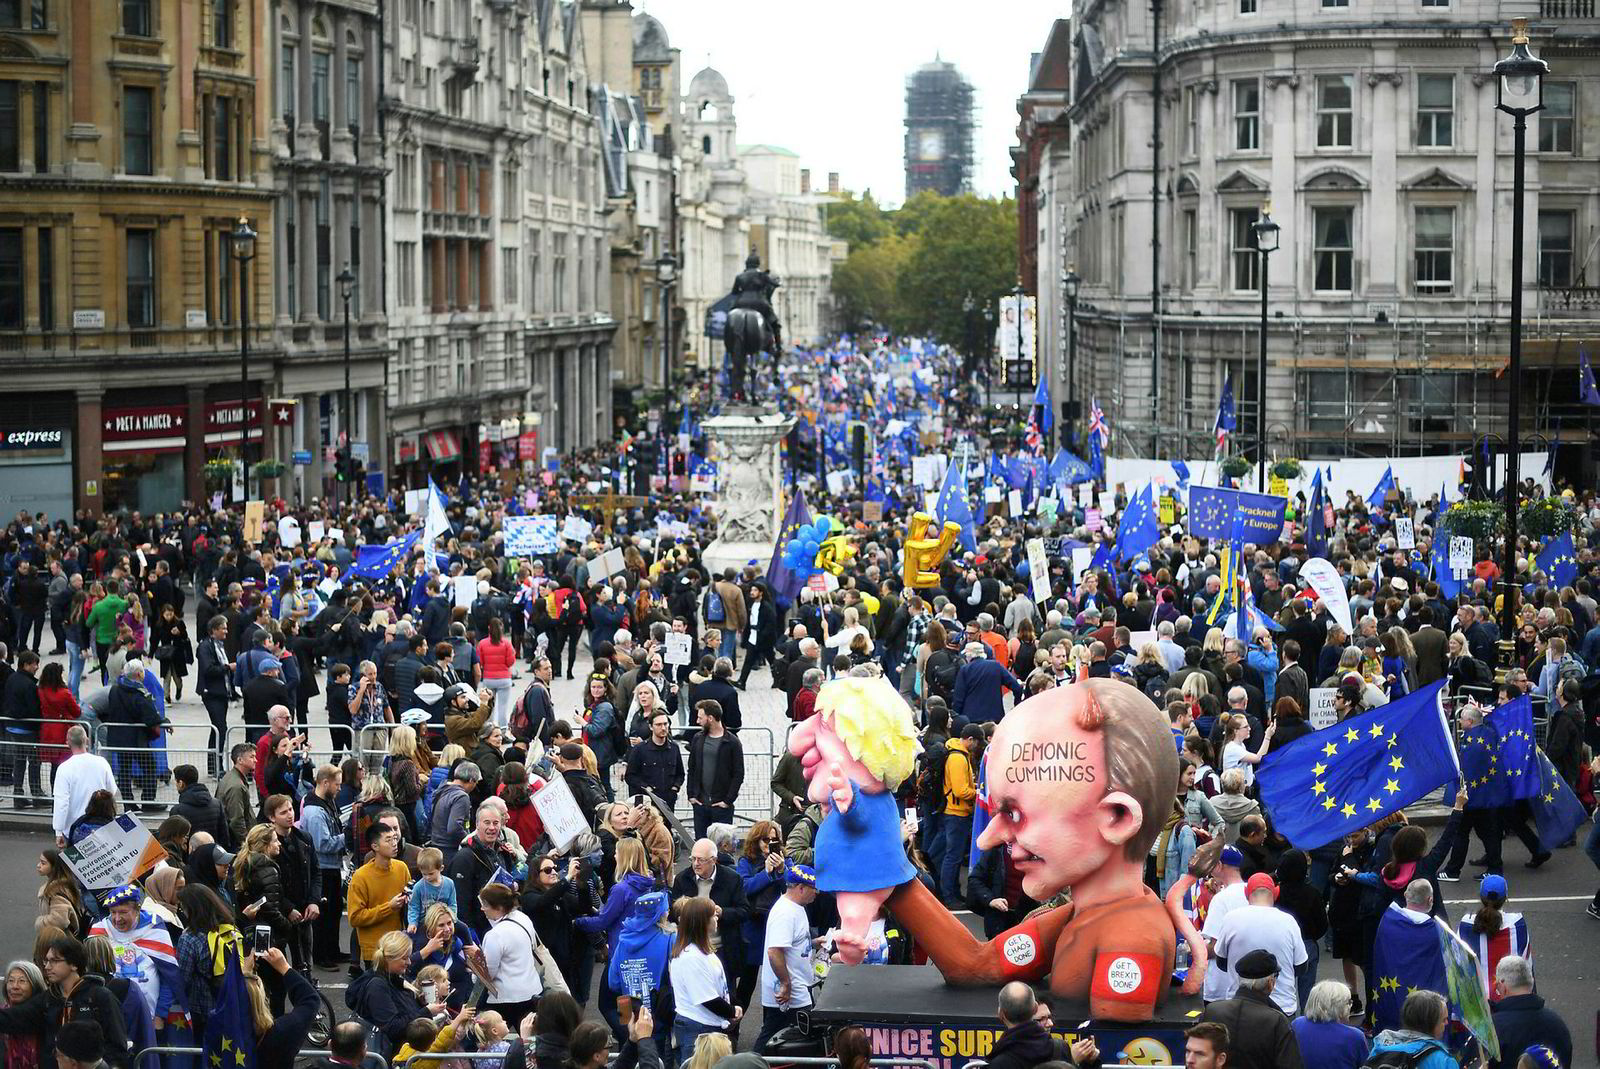 Titusenvis av demonstranter marsjerte gjennom Londons gater lørdag.